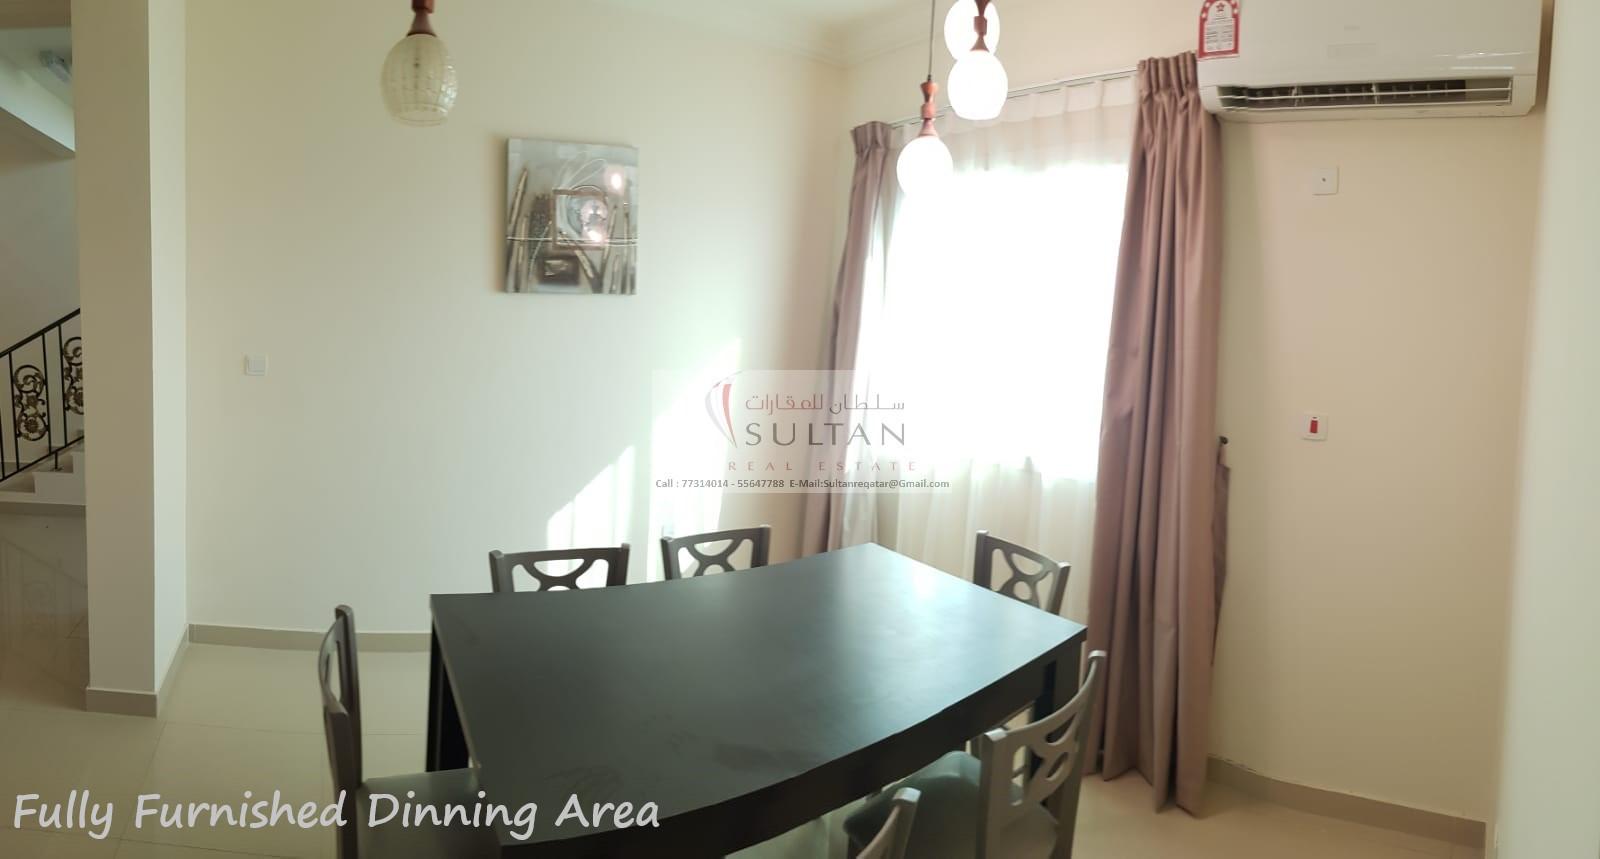 اول ساكن بام صلال علي مفروش  - 4bhk villa umm salal